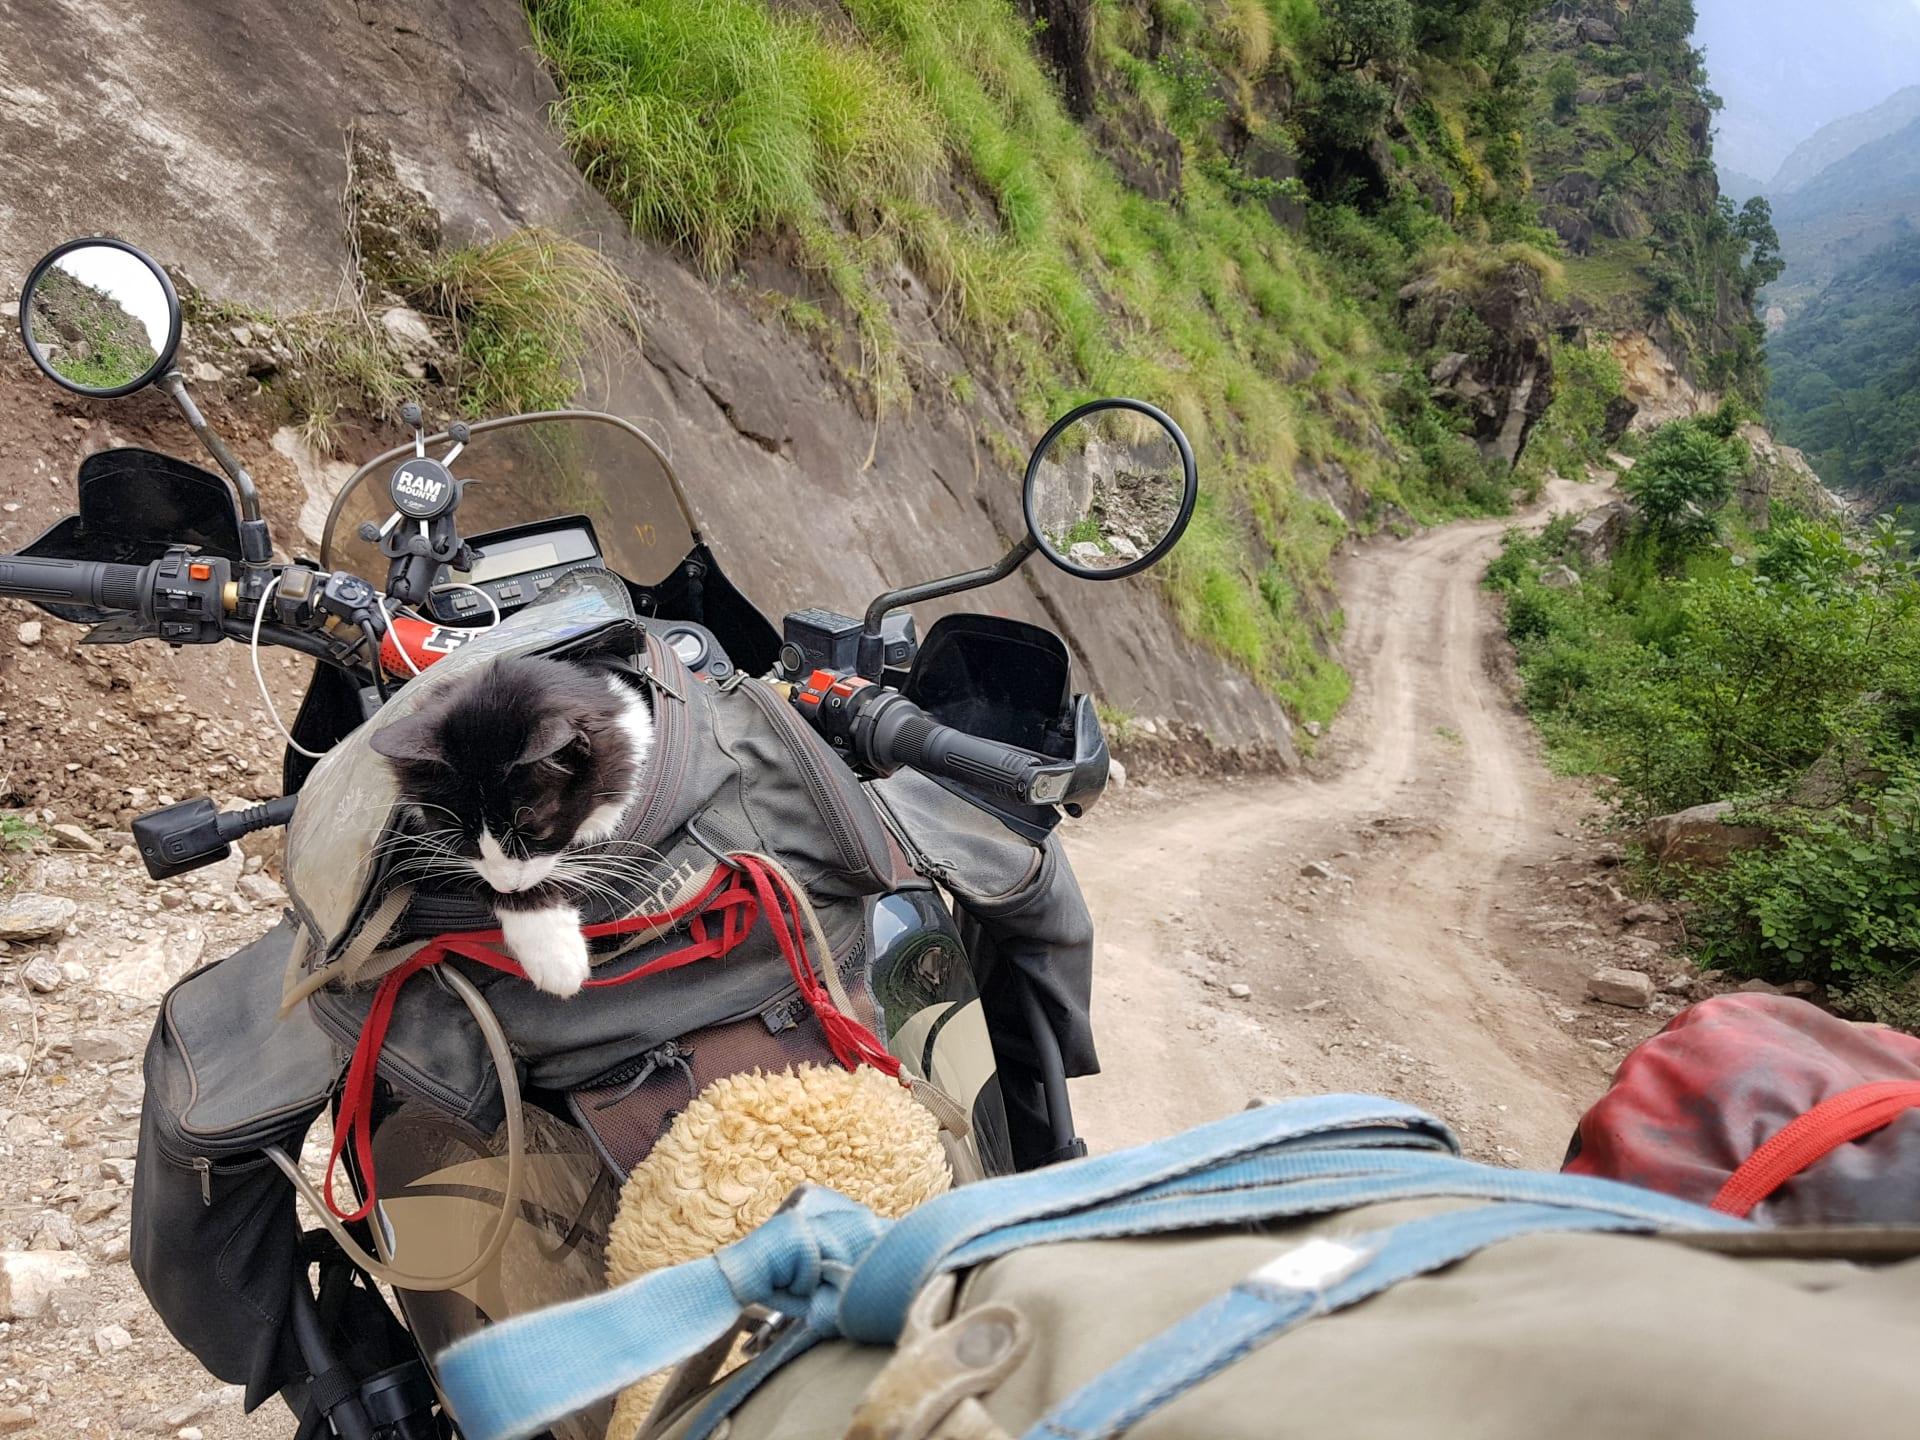 يجذب الأنظار برفيقة سفر غير اعتيادية.. يجوب هذا الألماني العالم مع قطته على متن دراجته النارية